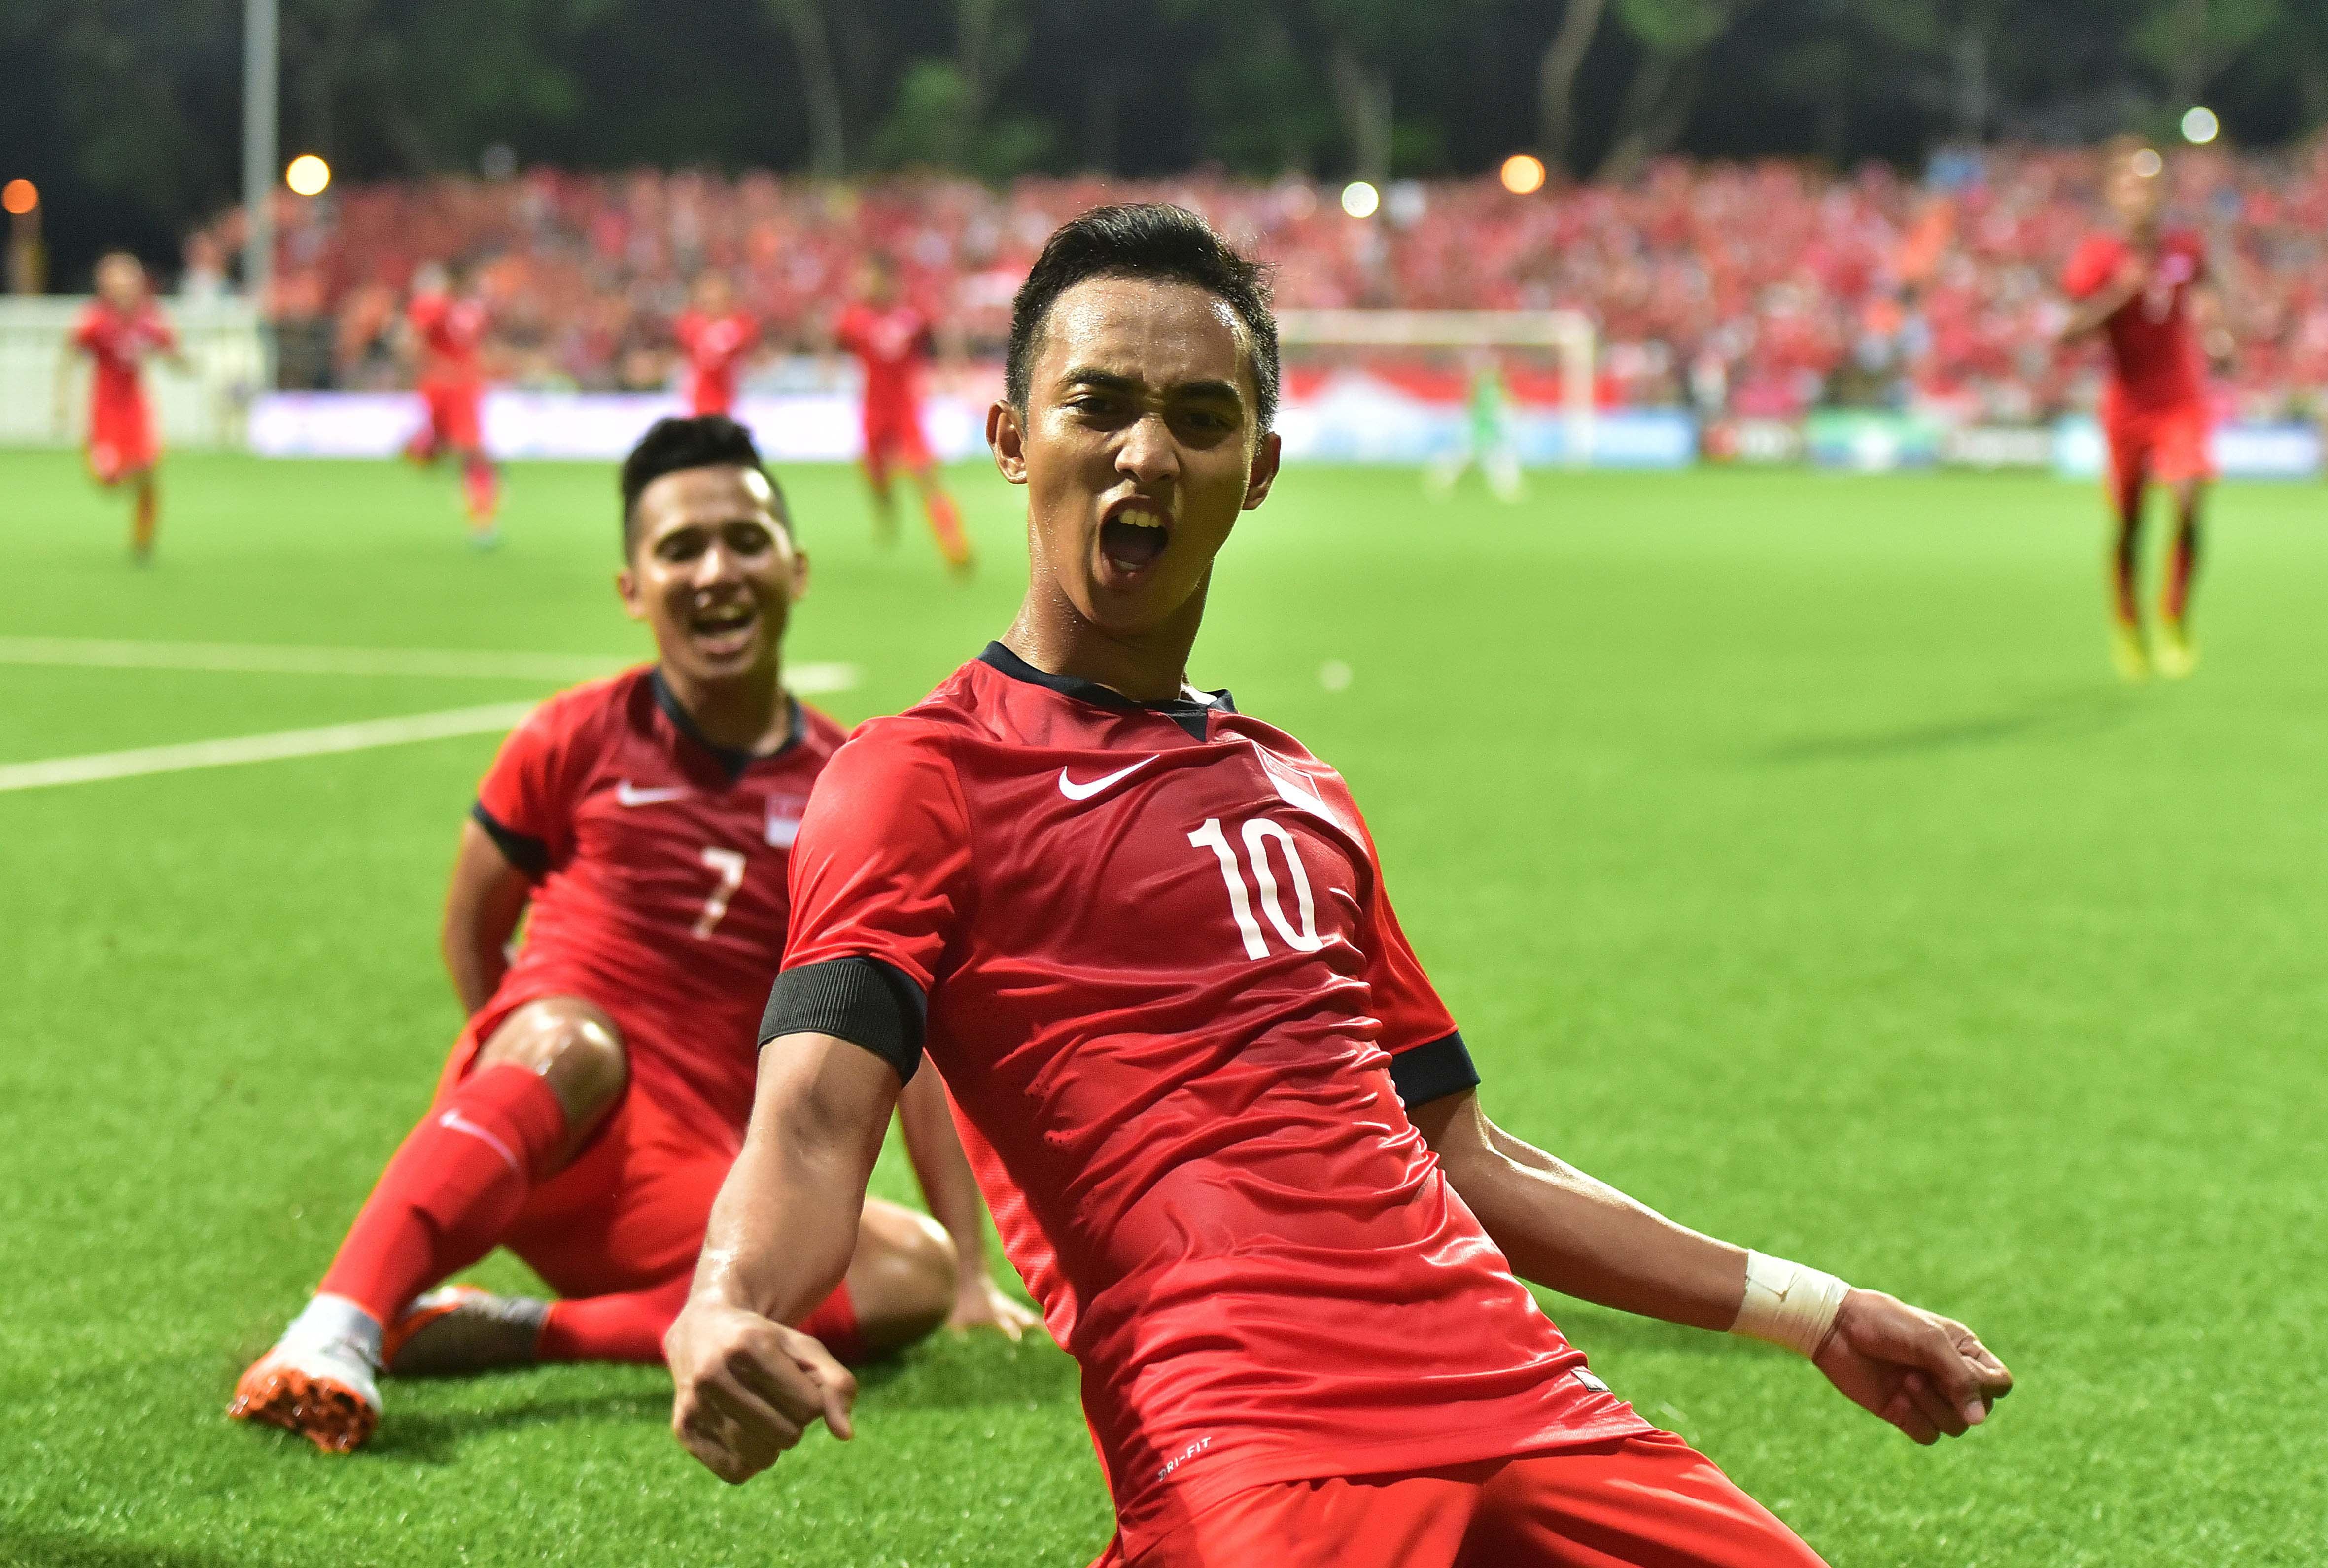 Late Faris Ramli goal seals 1-0 win for Lions over Malaysia